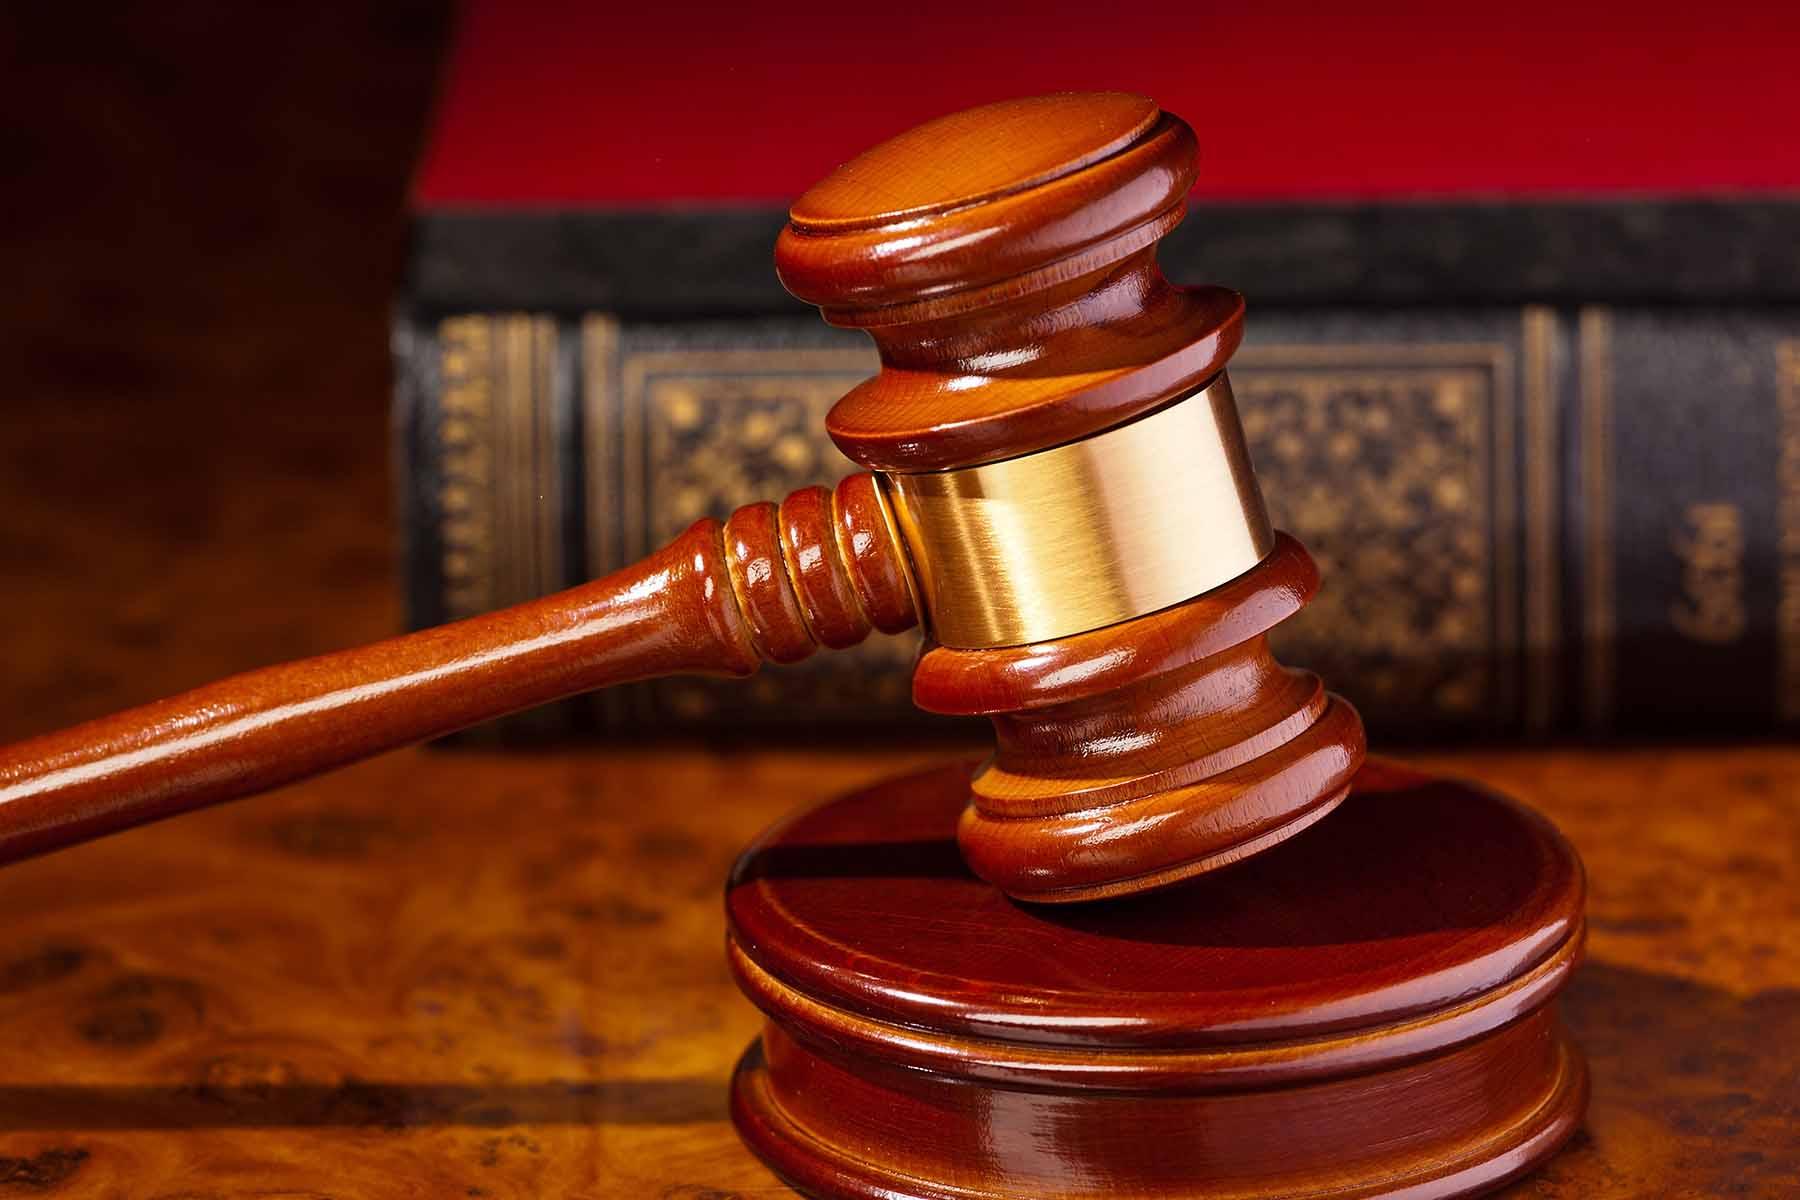 دانستنی هایی در باره وکیل و وکالت-درست مصرف کنیم - آموزش همگانی - آگاهی مصرف